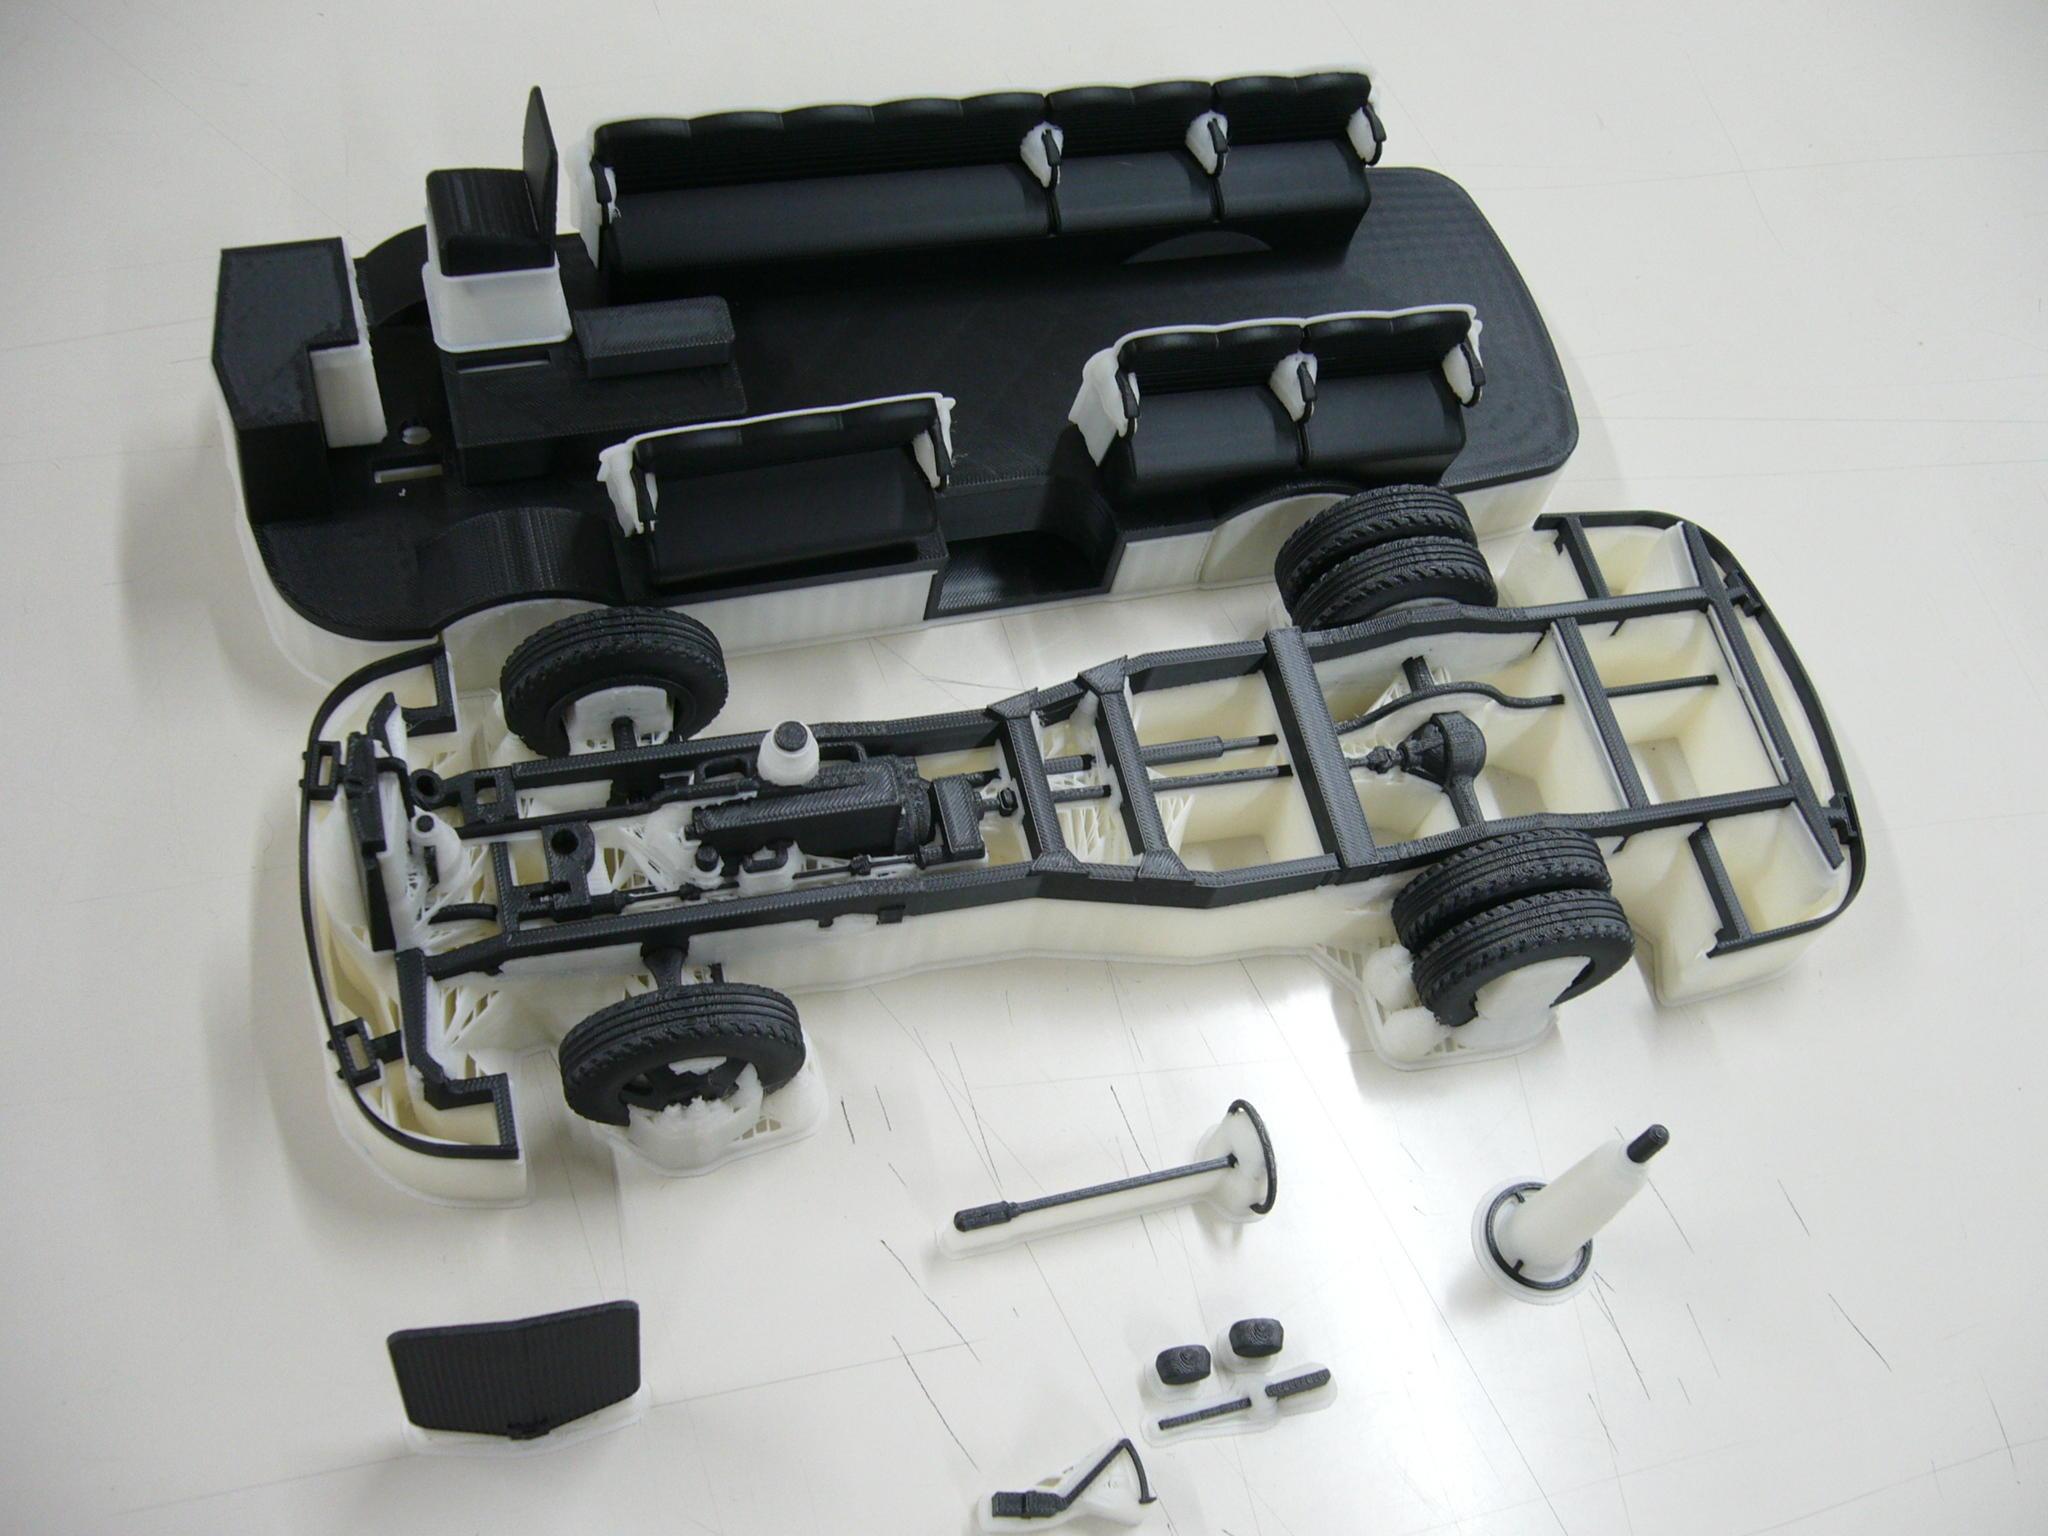 3Dプリンターで加工した車台、タイヤなど